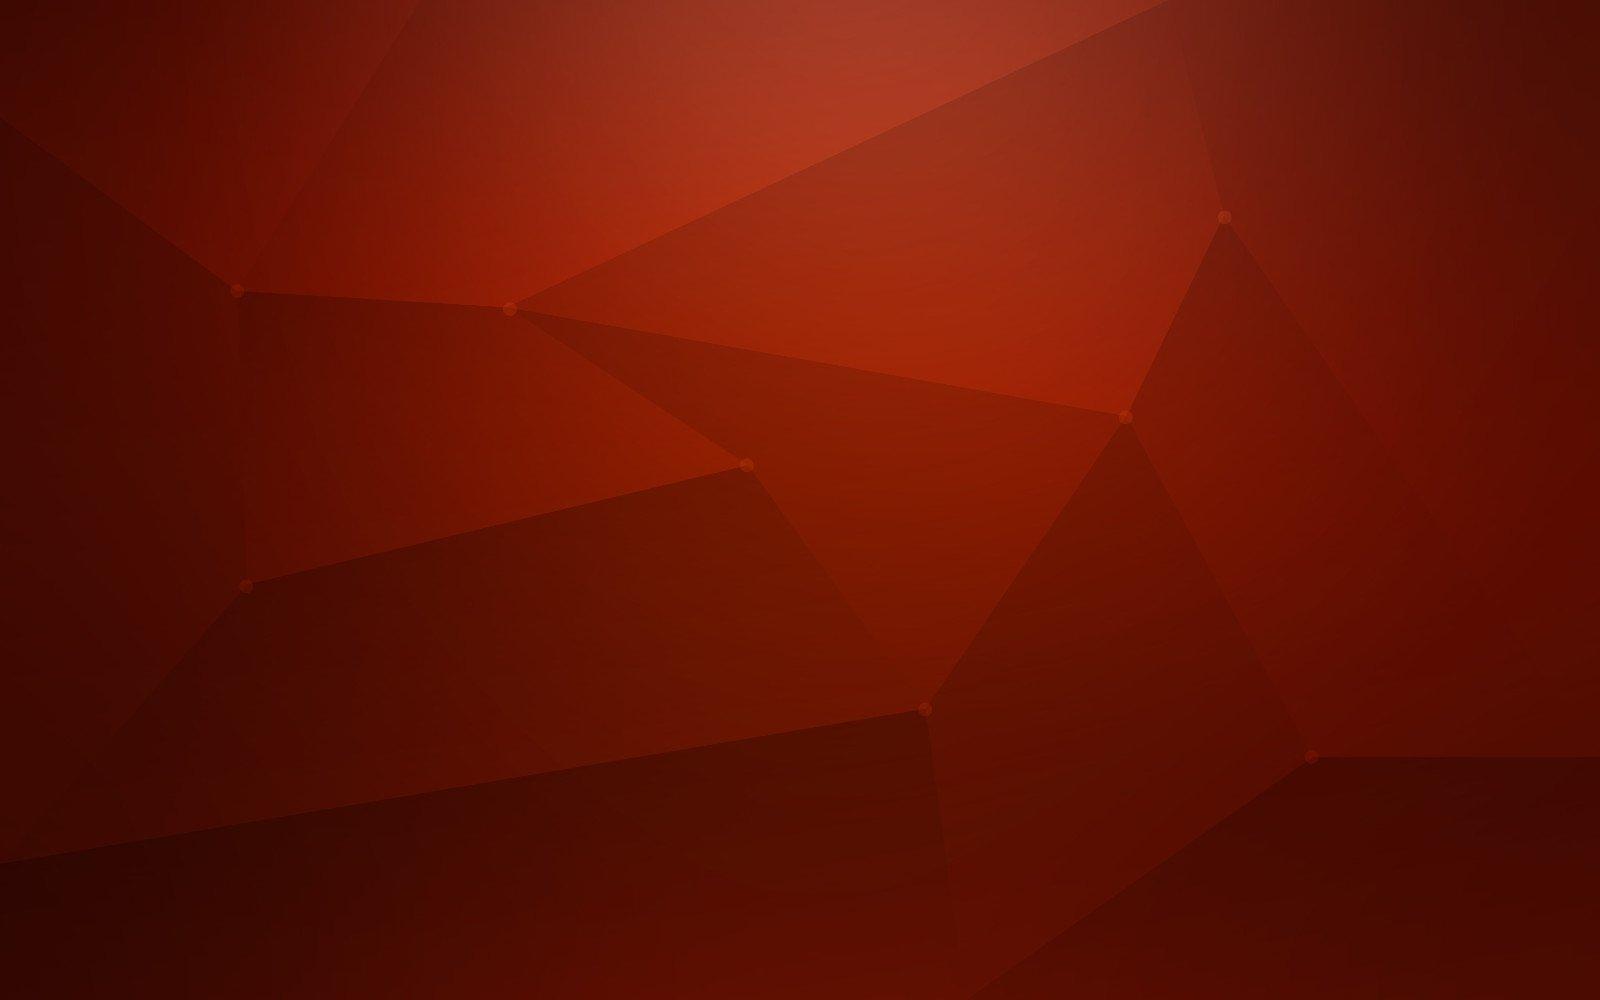 Ubuntu 16.10 wallpaper.10 wallpaper 07